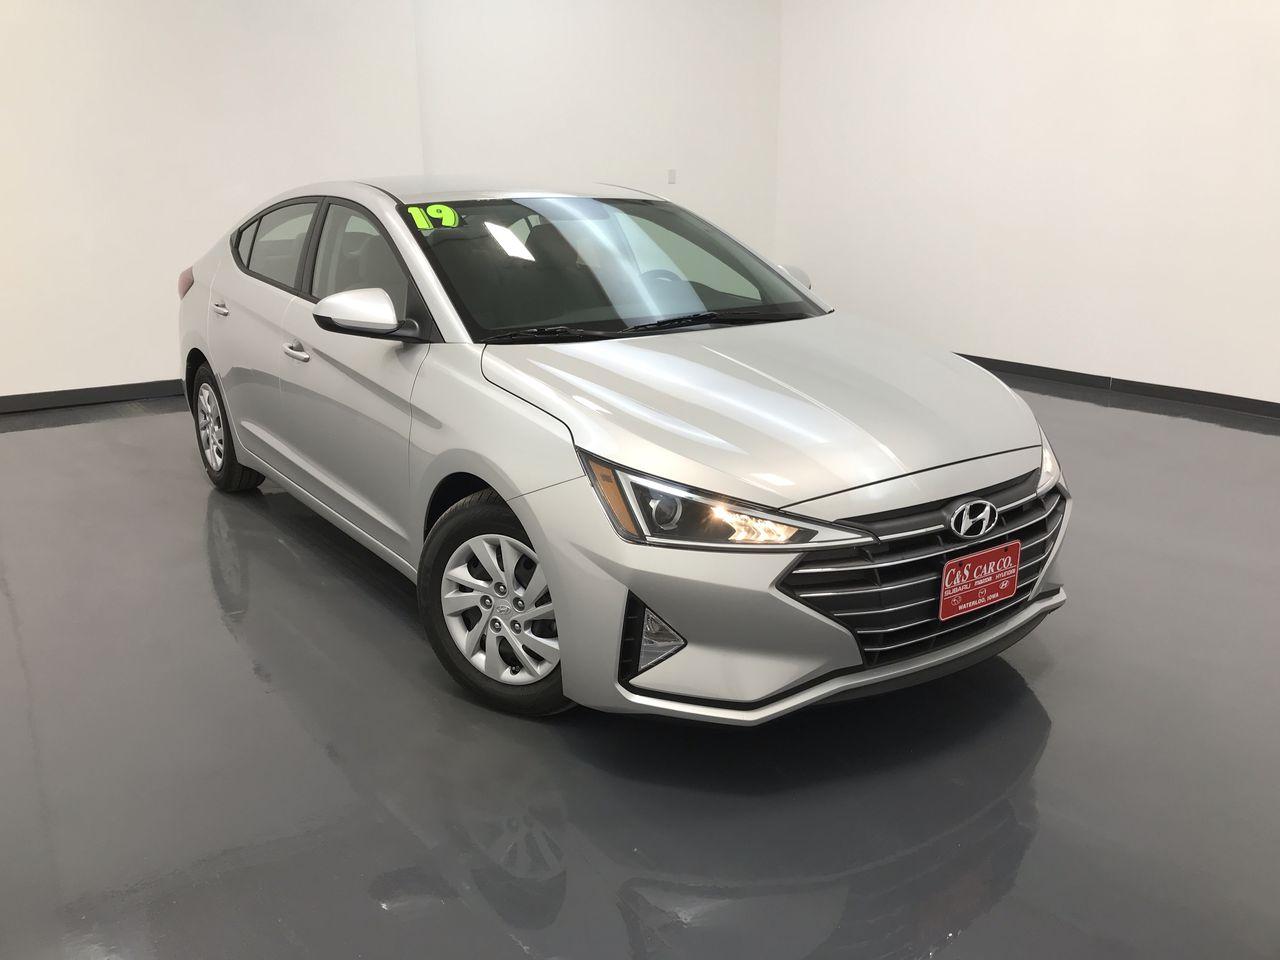 2019 Hyundai Elantra SE  - HY8167  - C & S Car Company